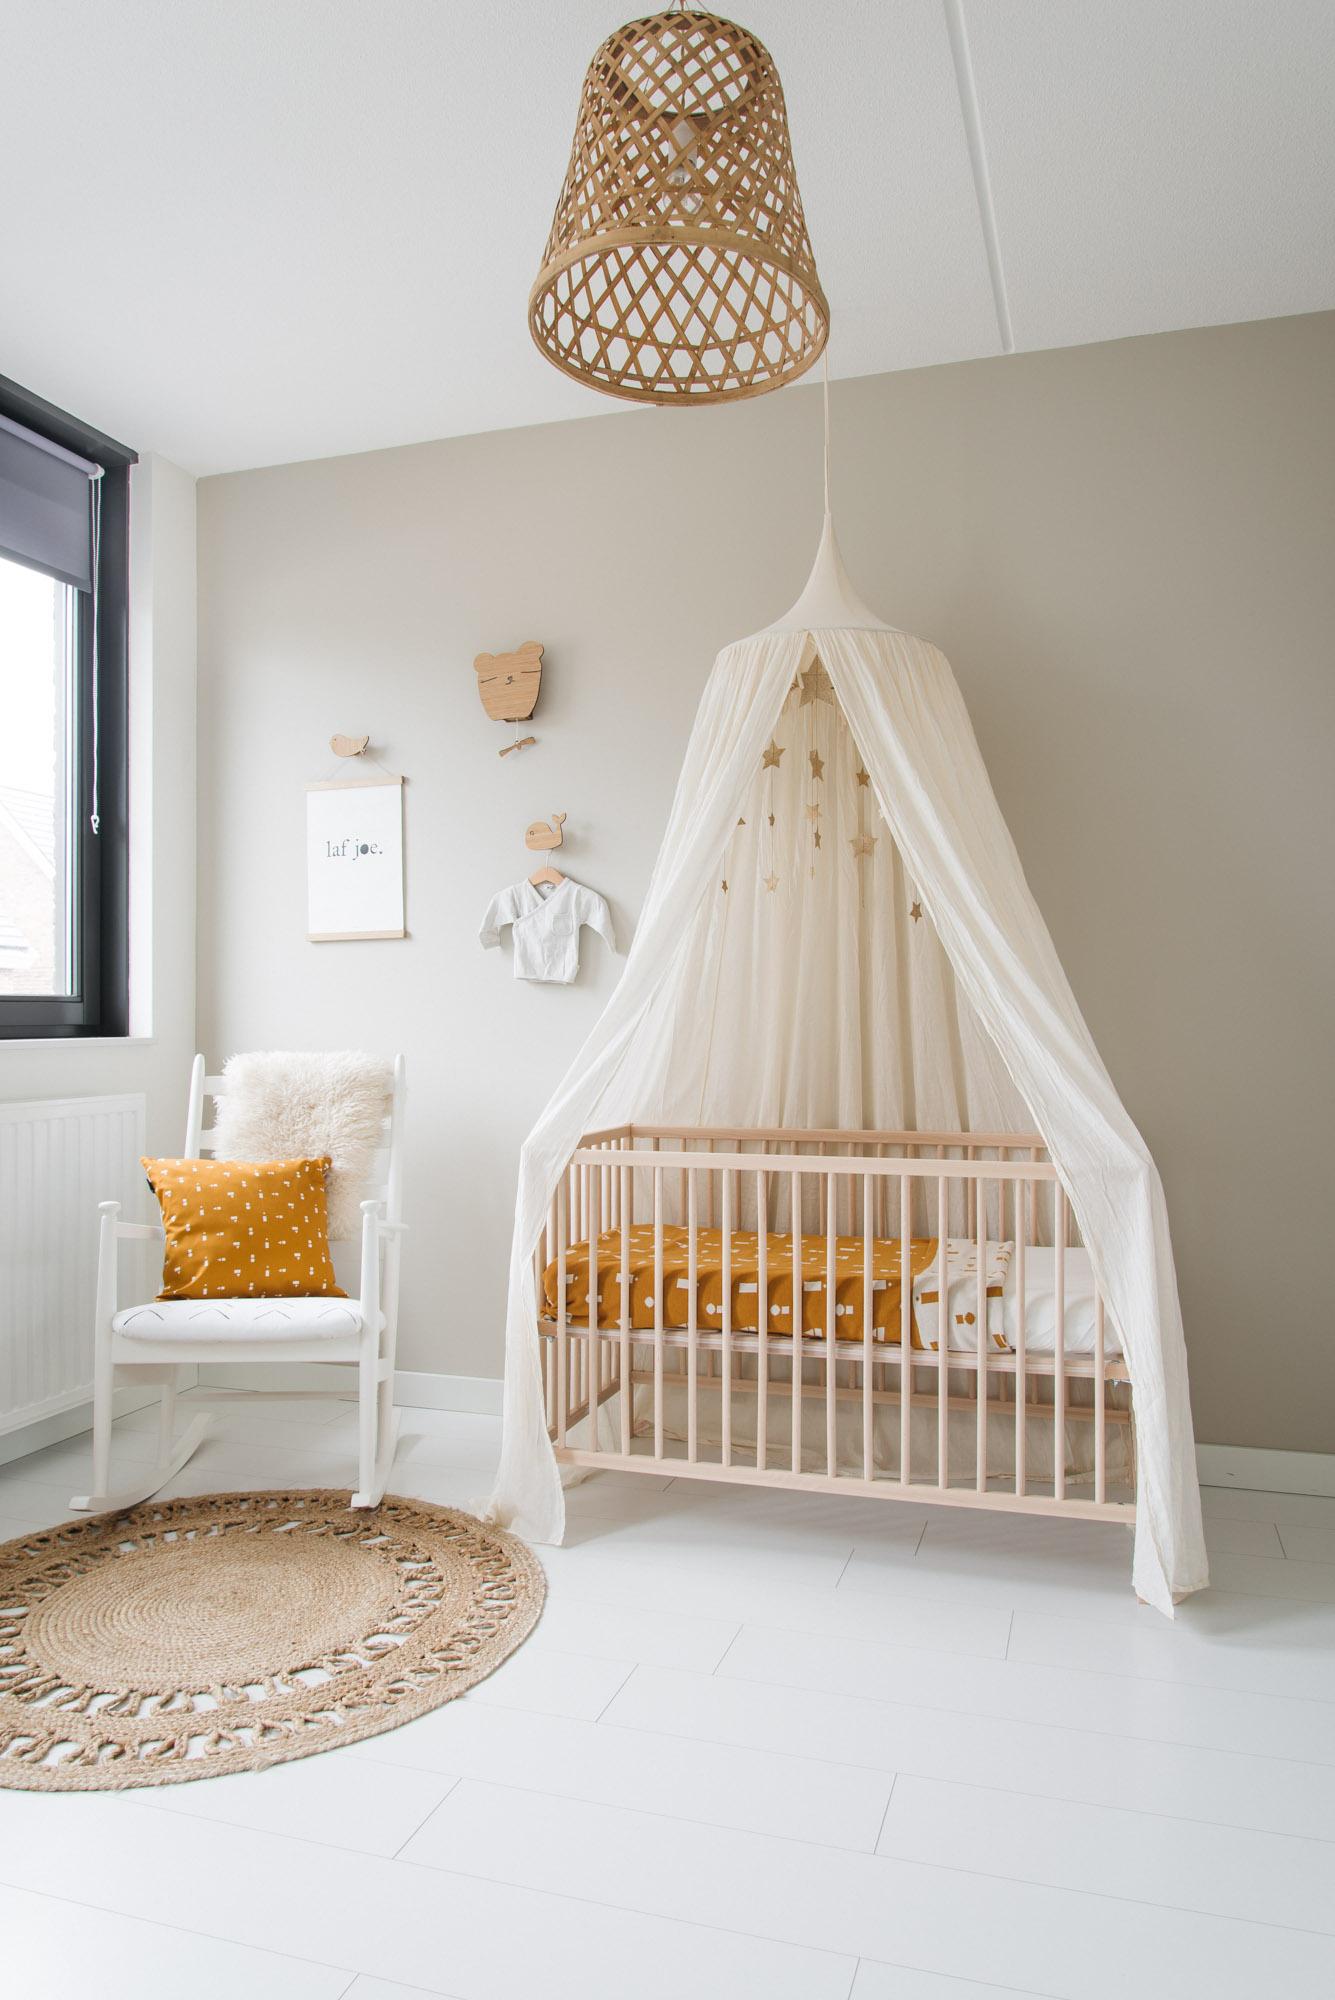 Schommelstoel Voor Op De Babykamer.Voedingsstoel Babykamer Images About Glidingchair Tag On Instagram